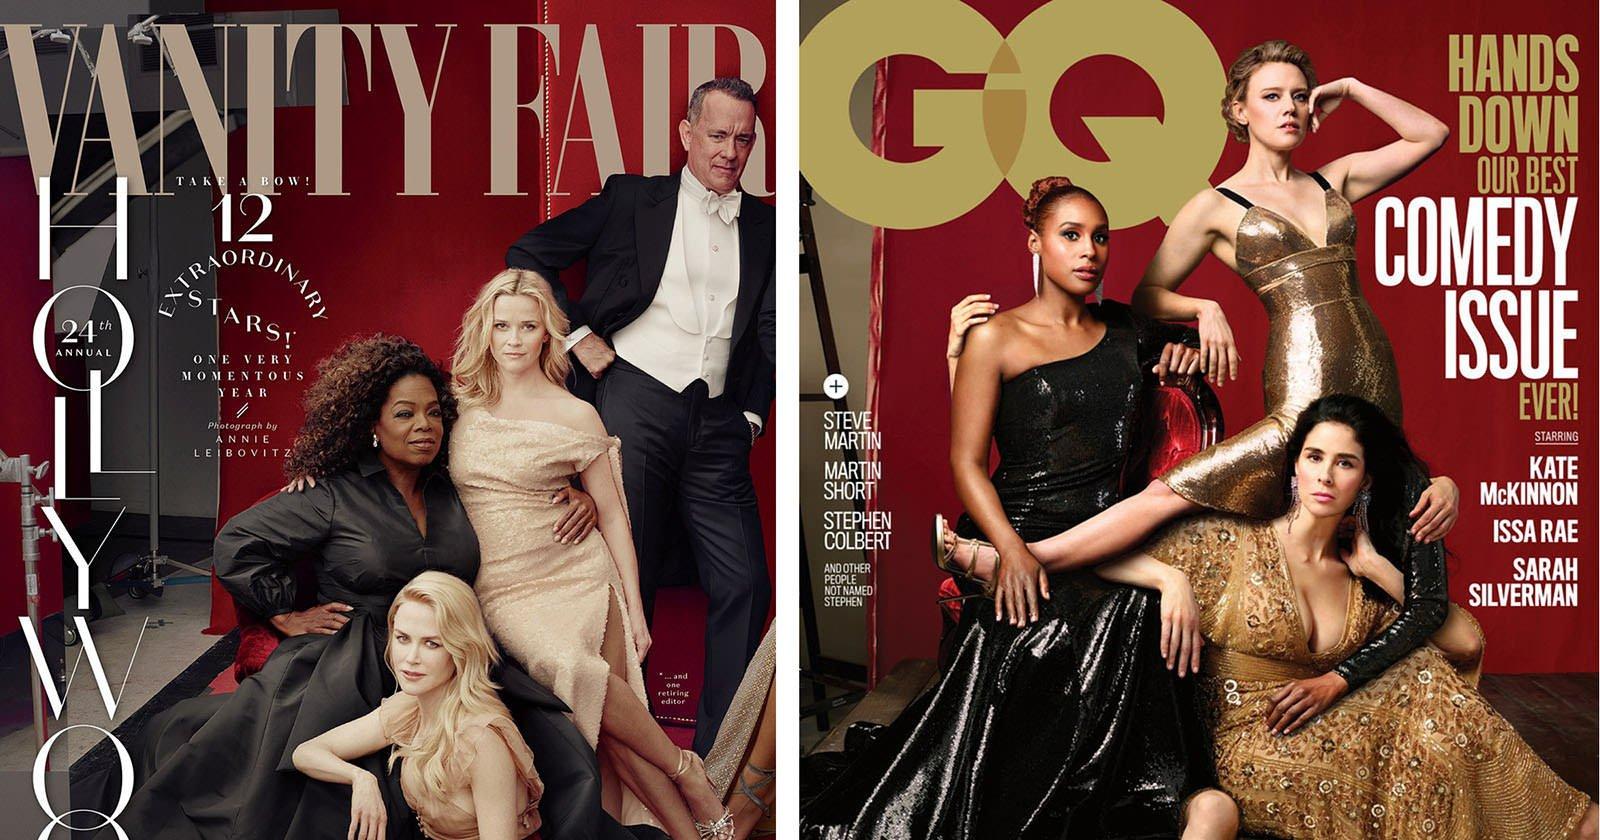 GQ Mocks Vanity Fair Photoshop Fail on Comedy Issue Cover